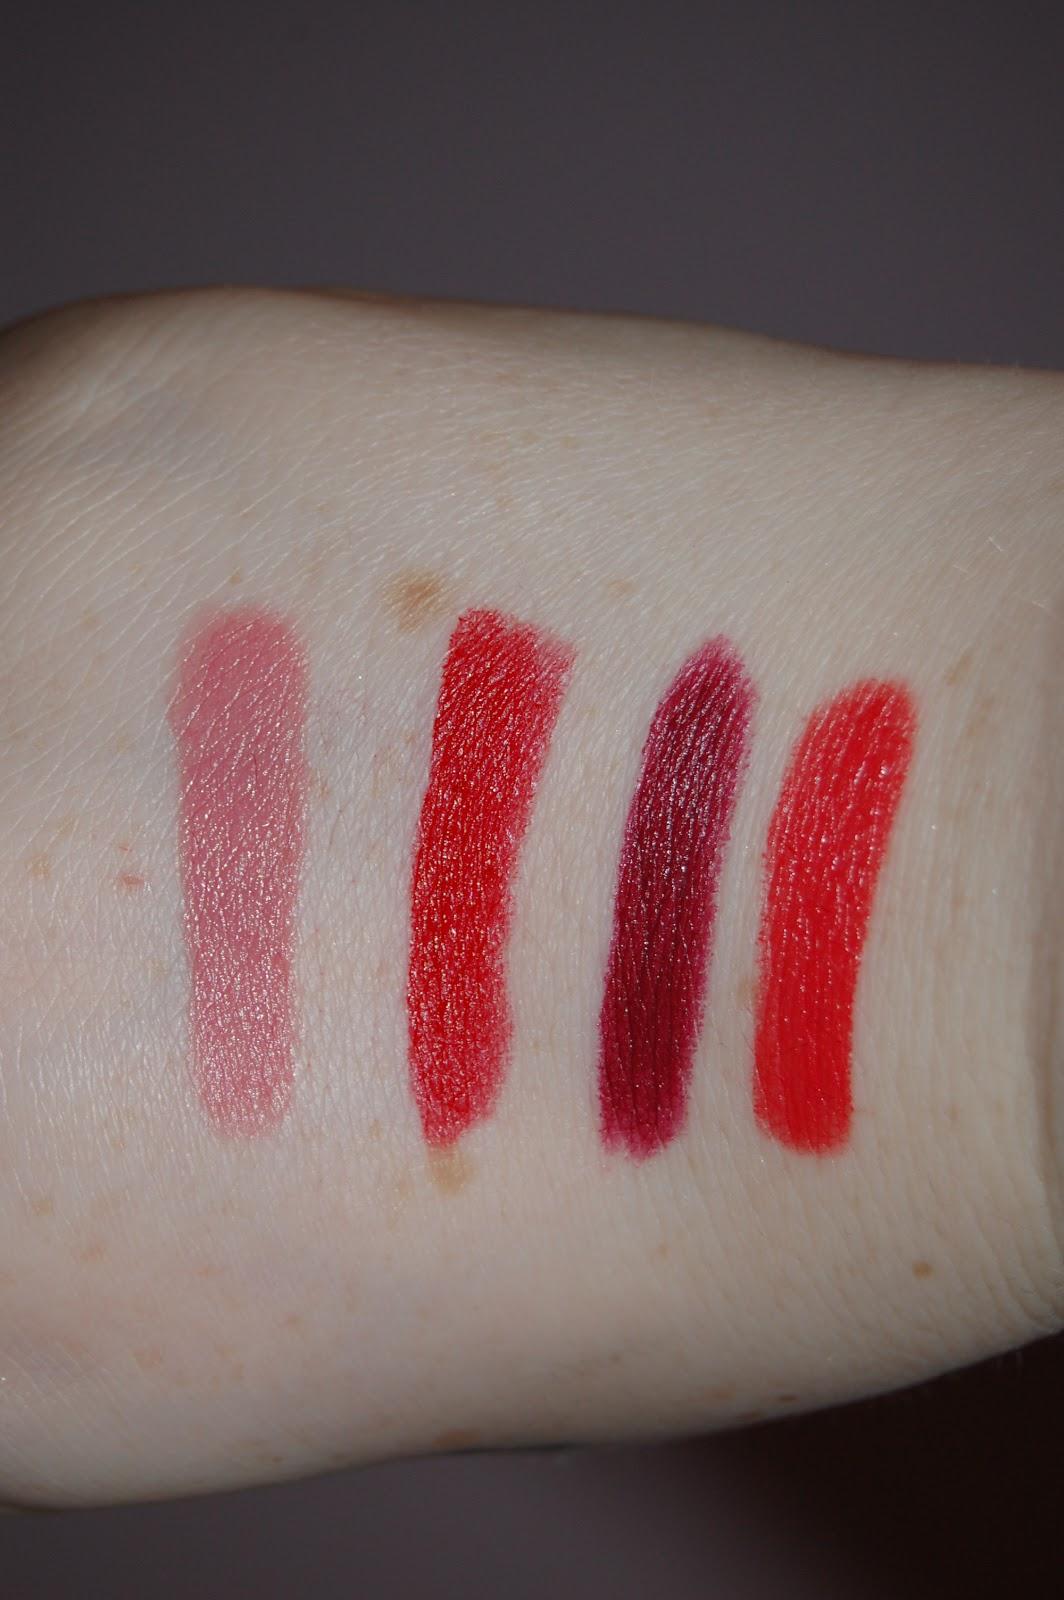 http://3.bp.blogspot.com/-uWwDBOPWdLY/UJVPh25JnRI/AAAAAAAADE8/0LimOSbVg64/s1600/Kate+Moss+Rimmel+Matte+lipstick+swatches.png